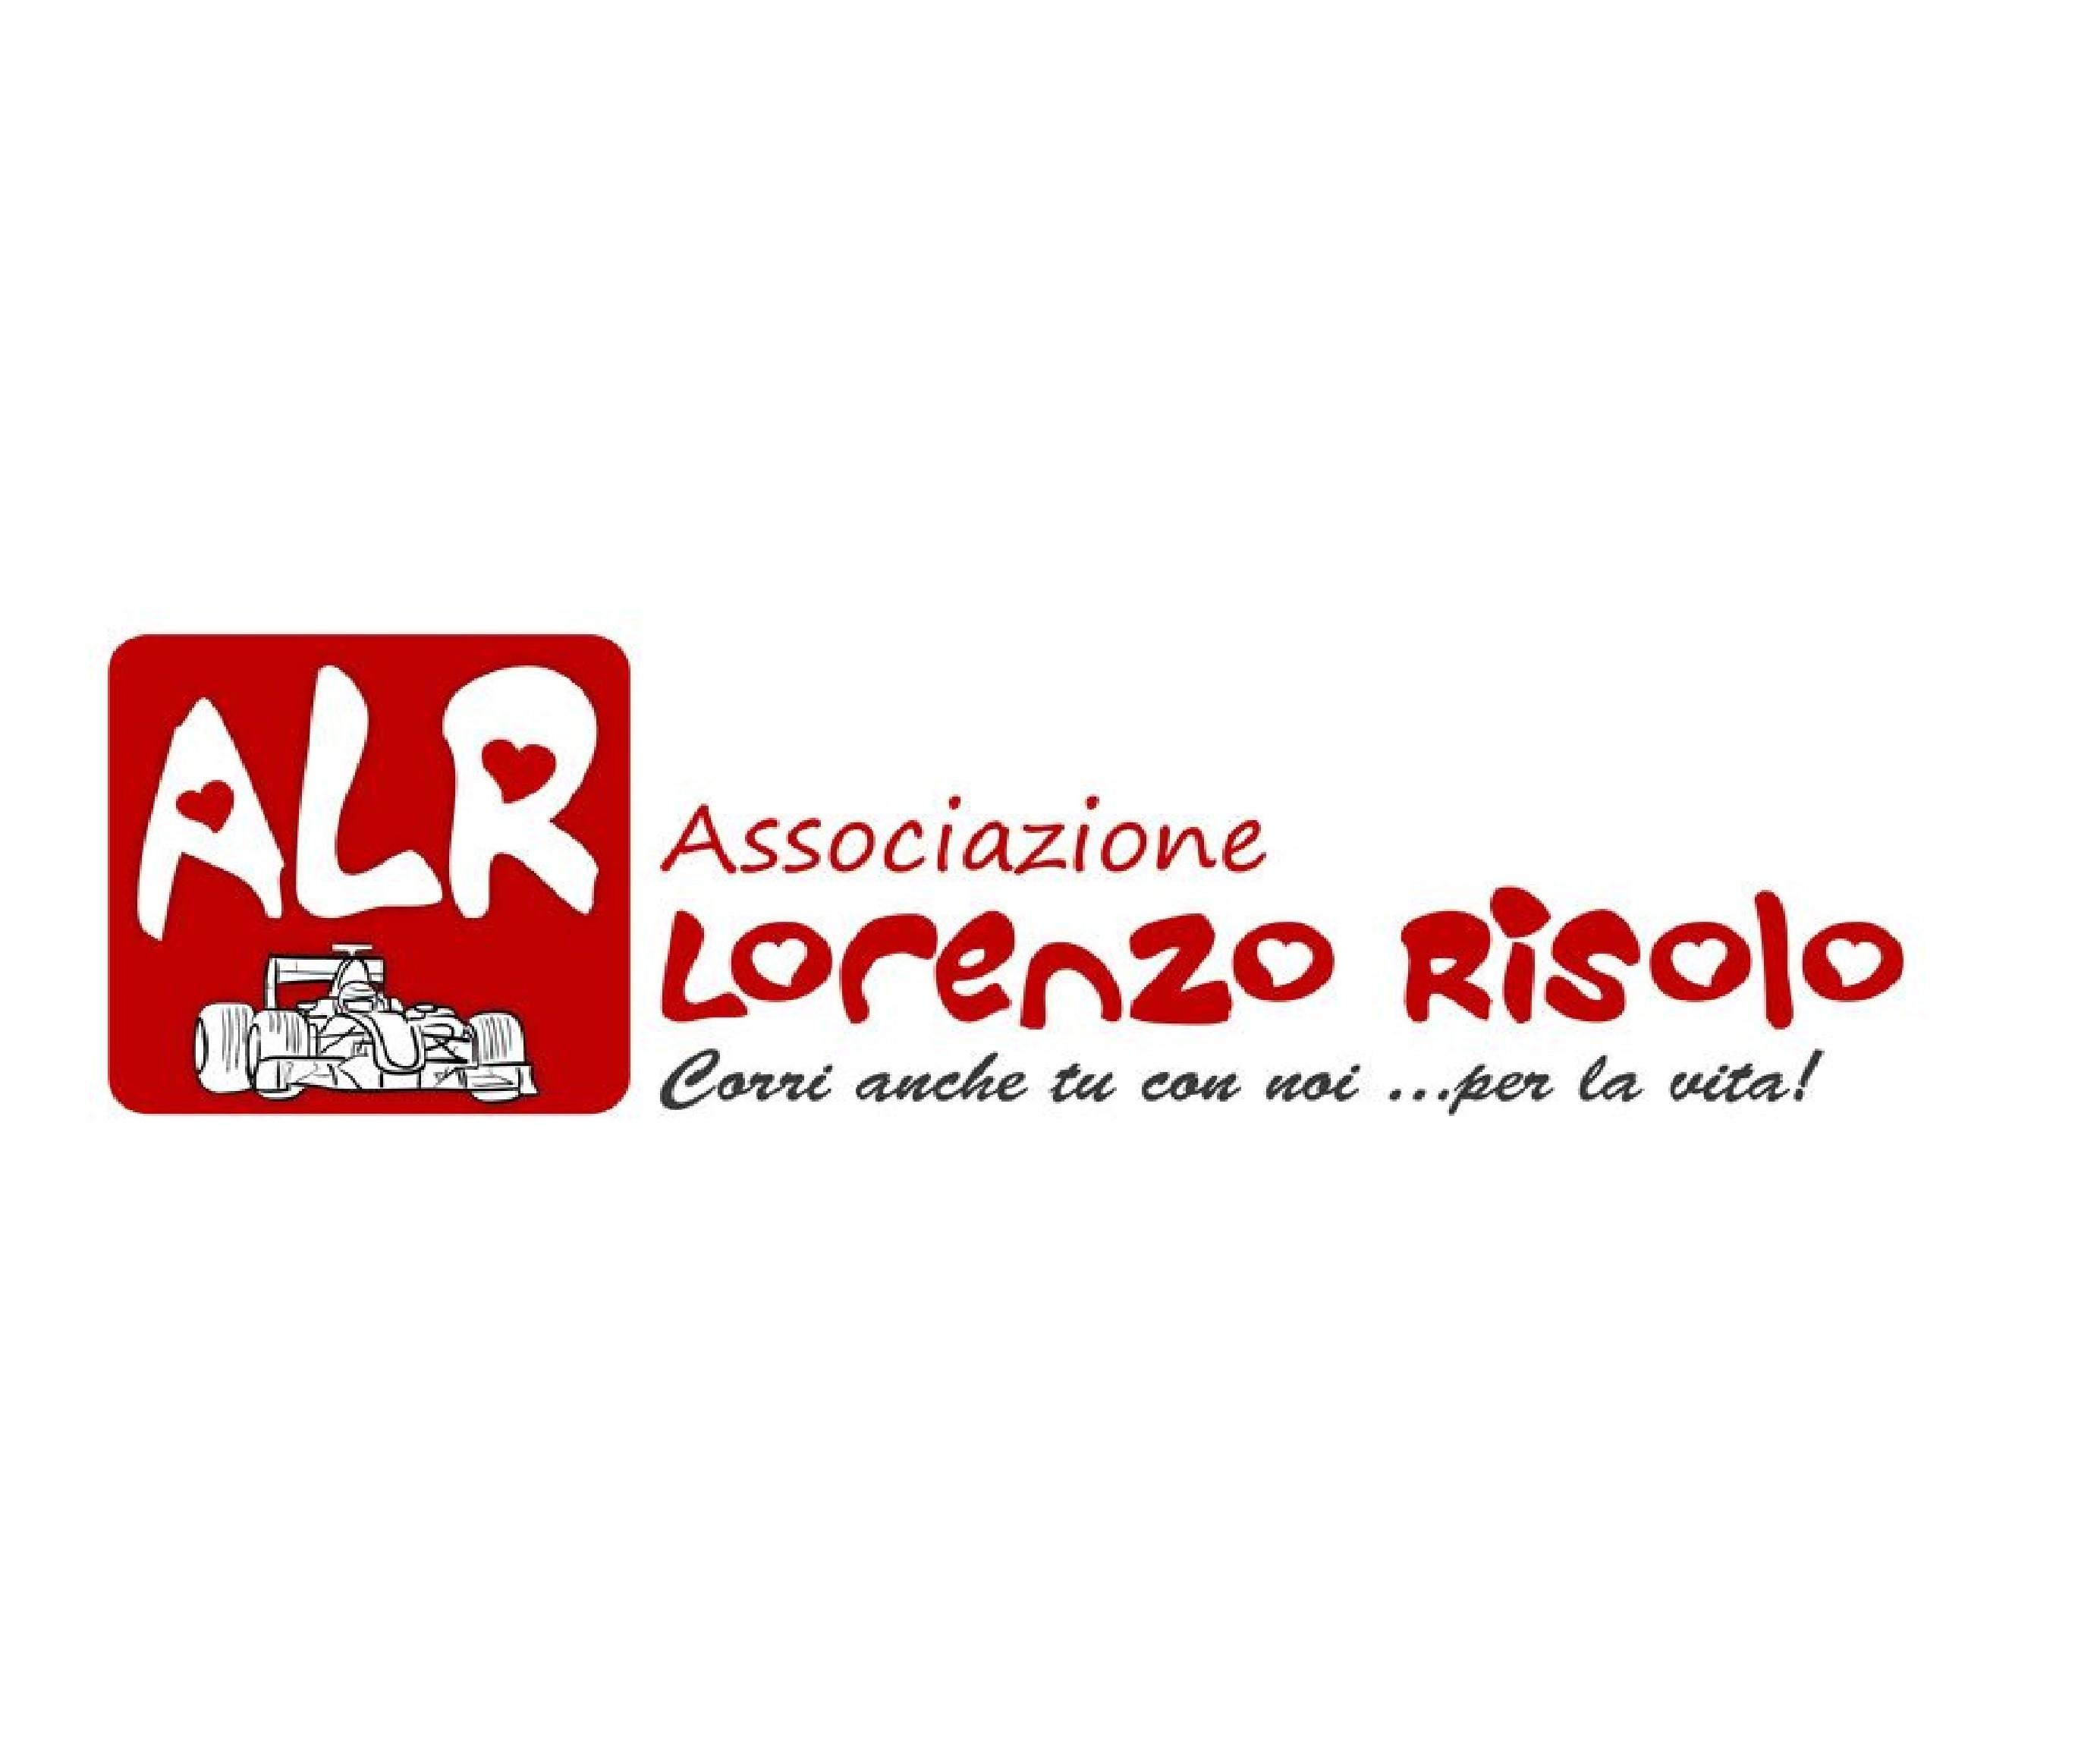 ALR - Associazione Lorenzo Risolo